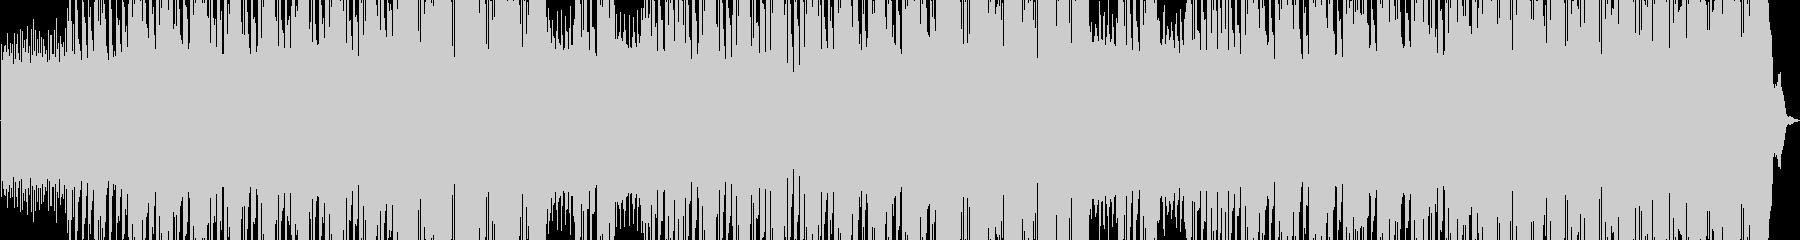 パワフルなデスメタルBGMの未再生の波形